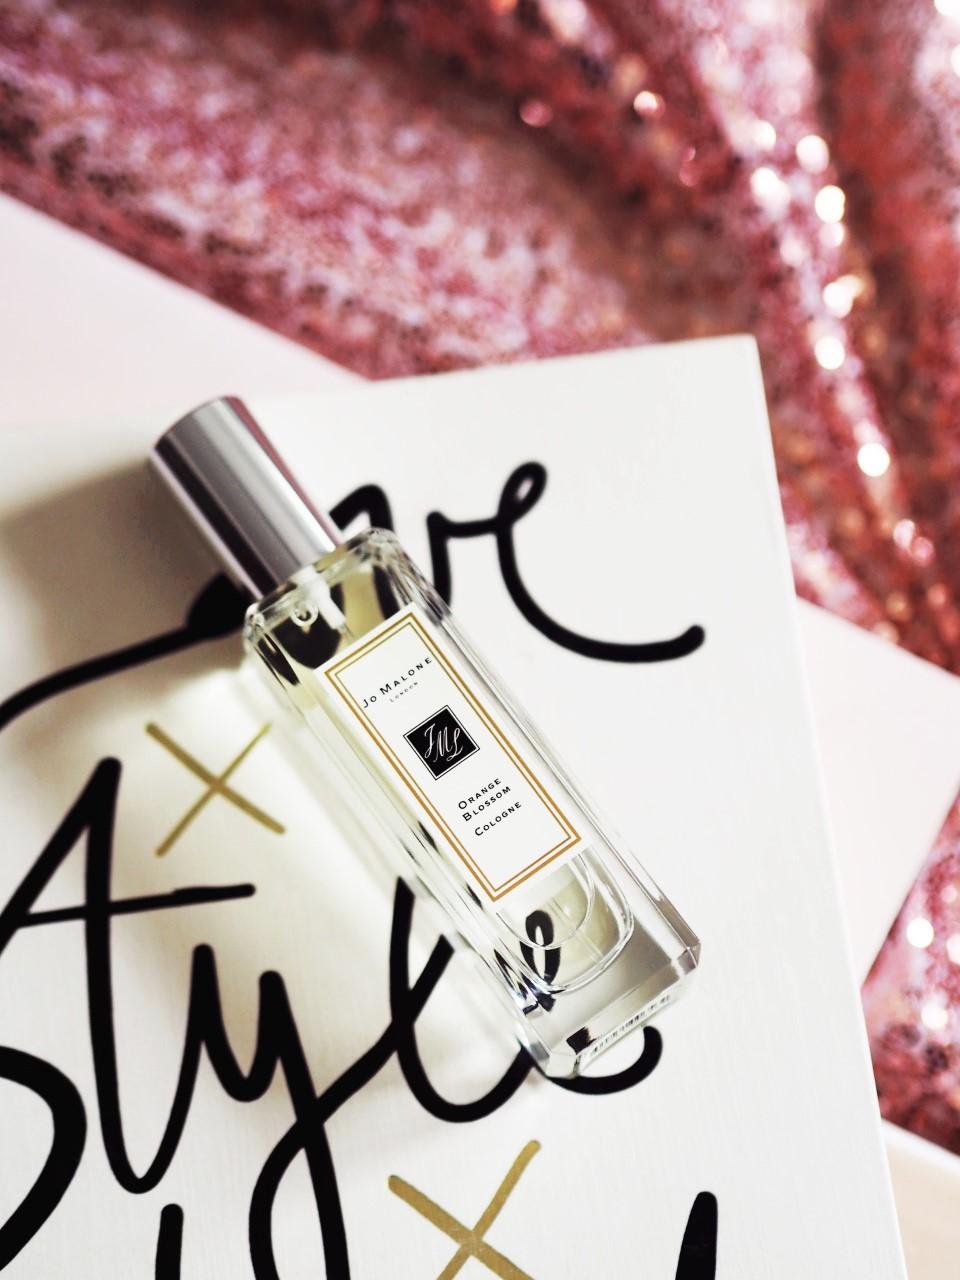 Jo Malone 'Orange Blossom' Cologne Review perfume